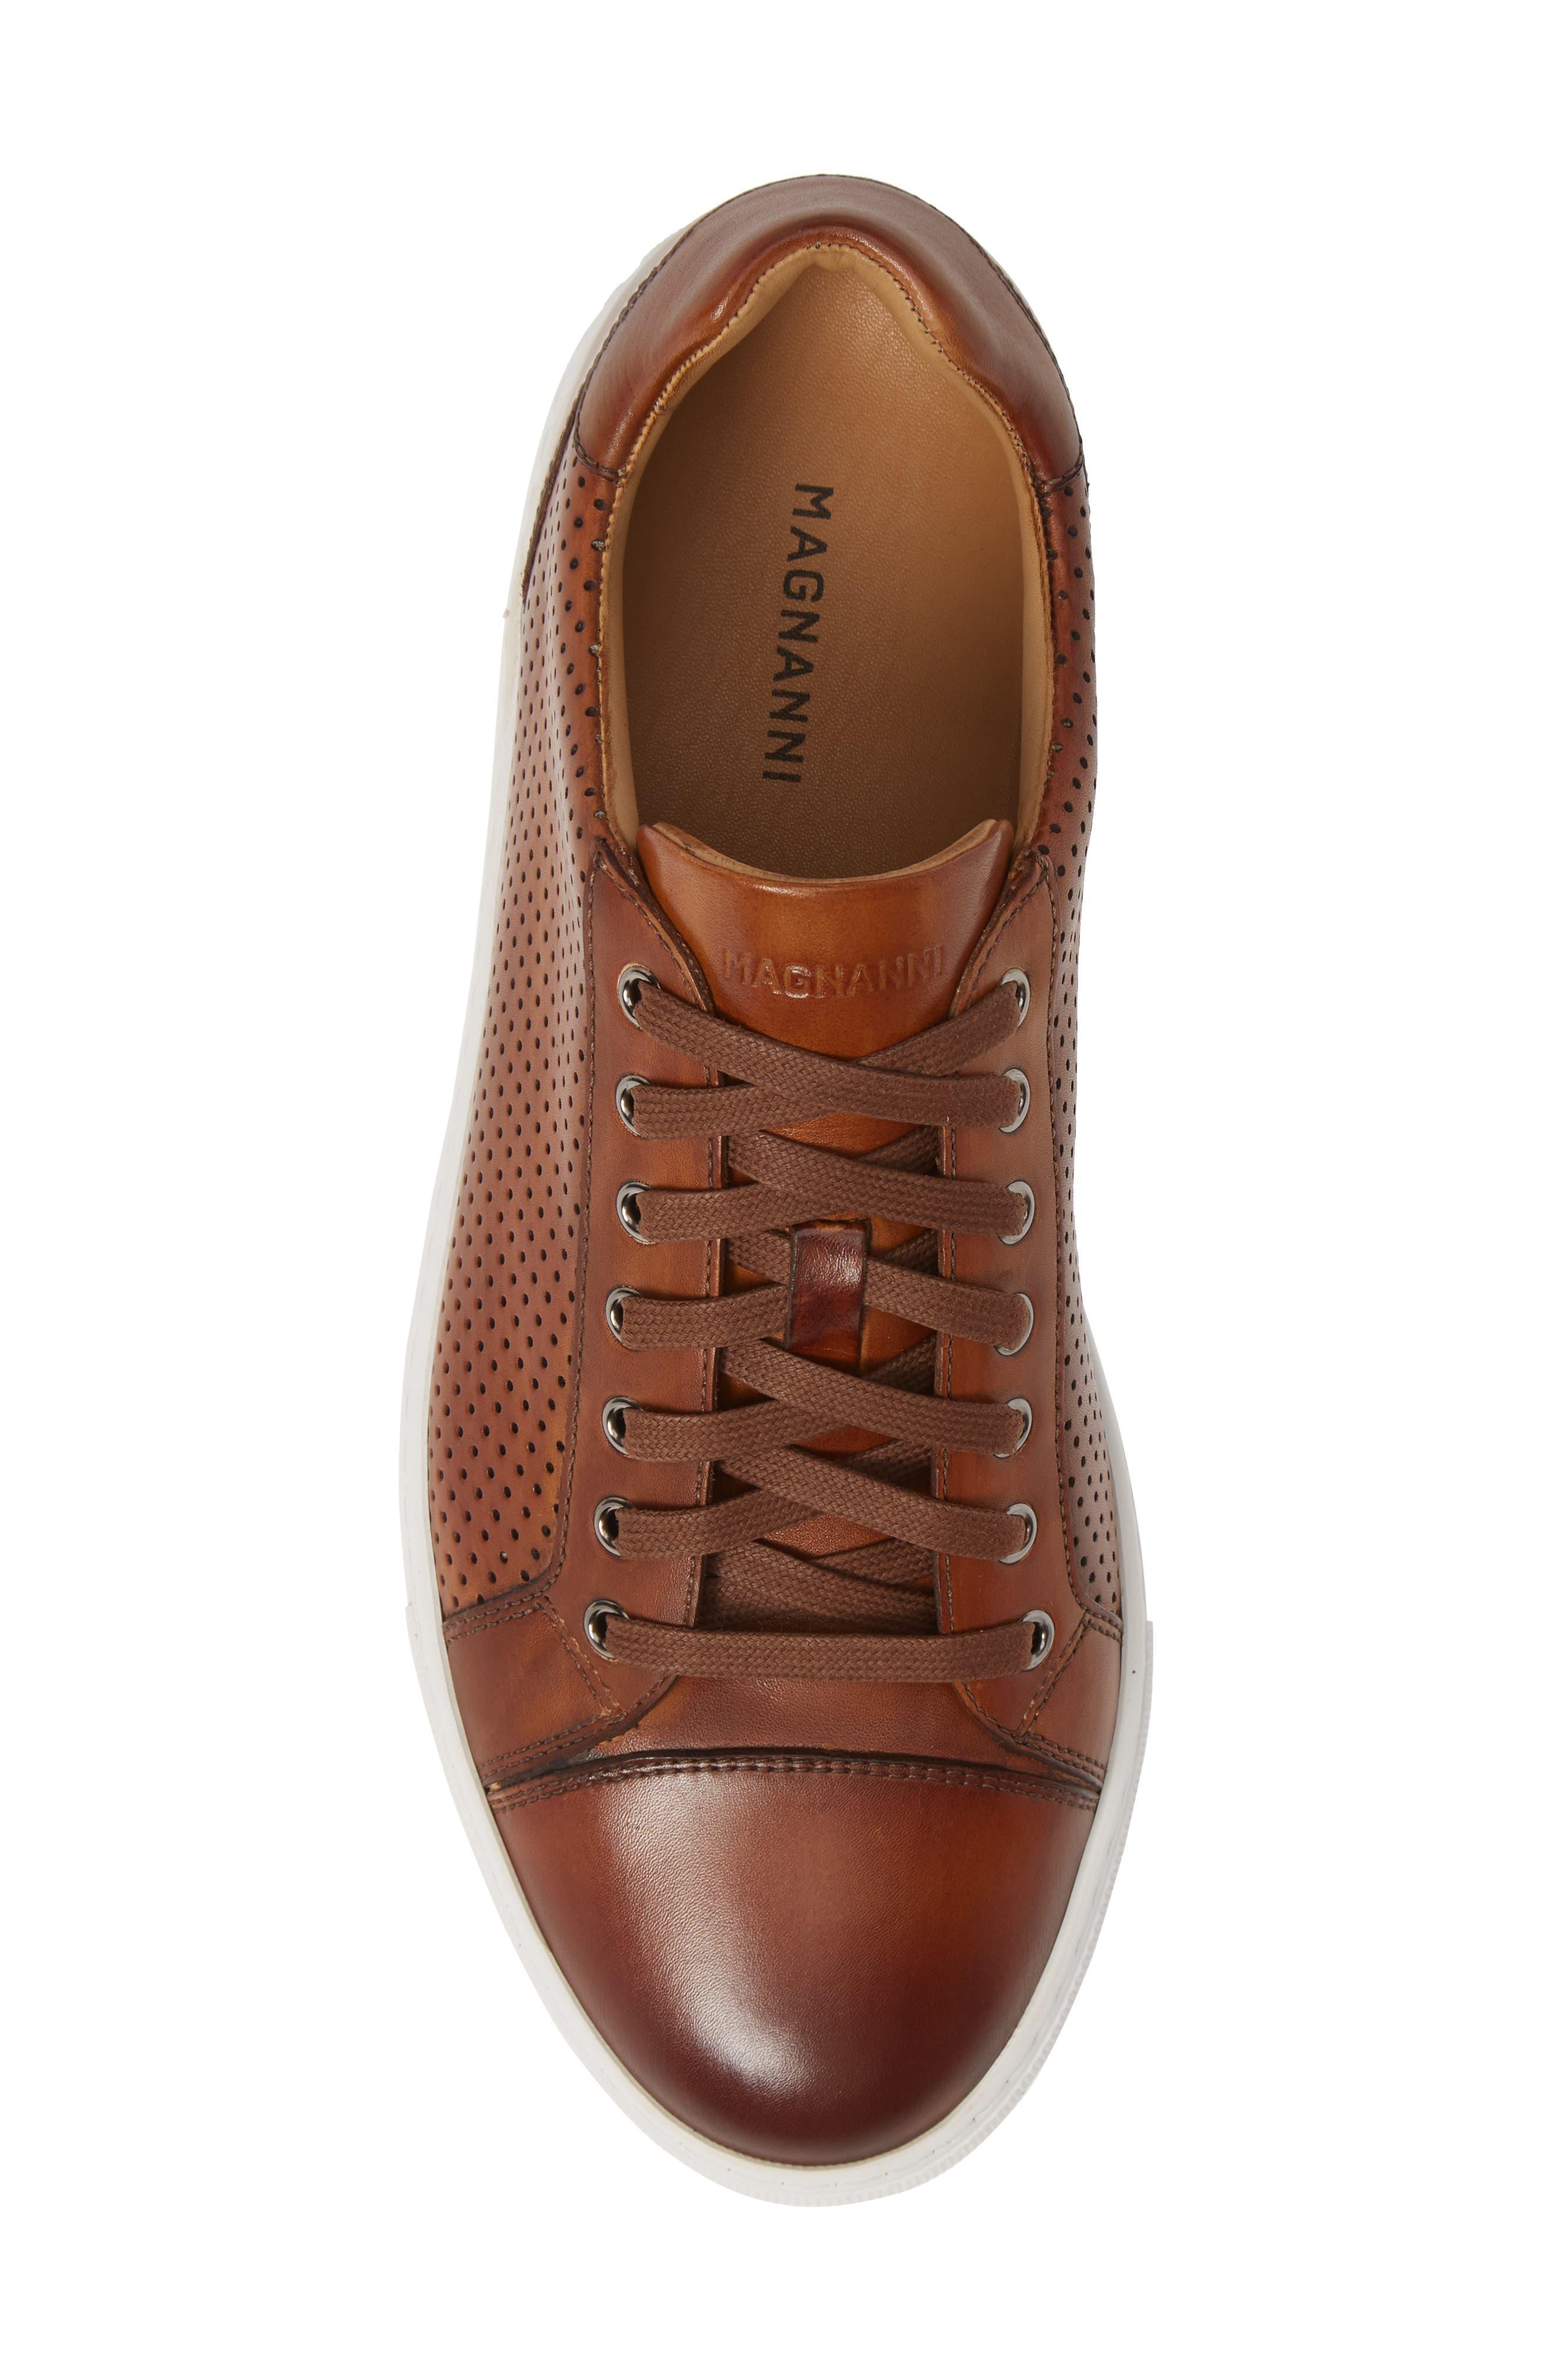 Jackson Sneaker,                             Alternate thumbnail 5, color,                             COGNAC LEATHER